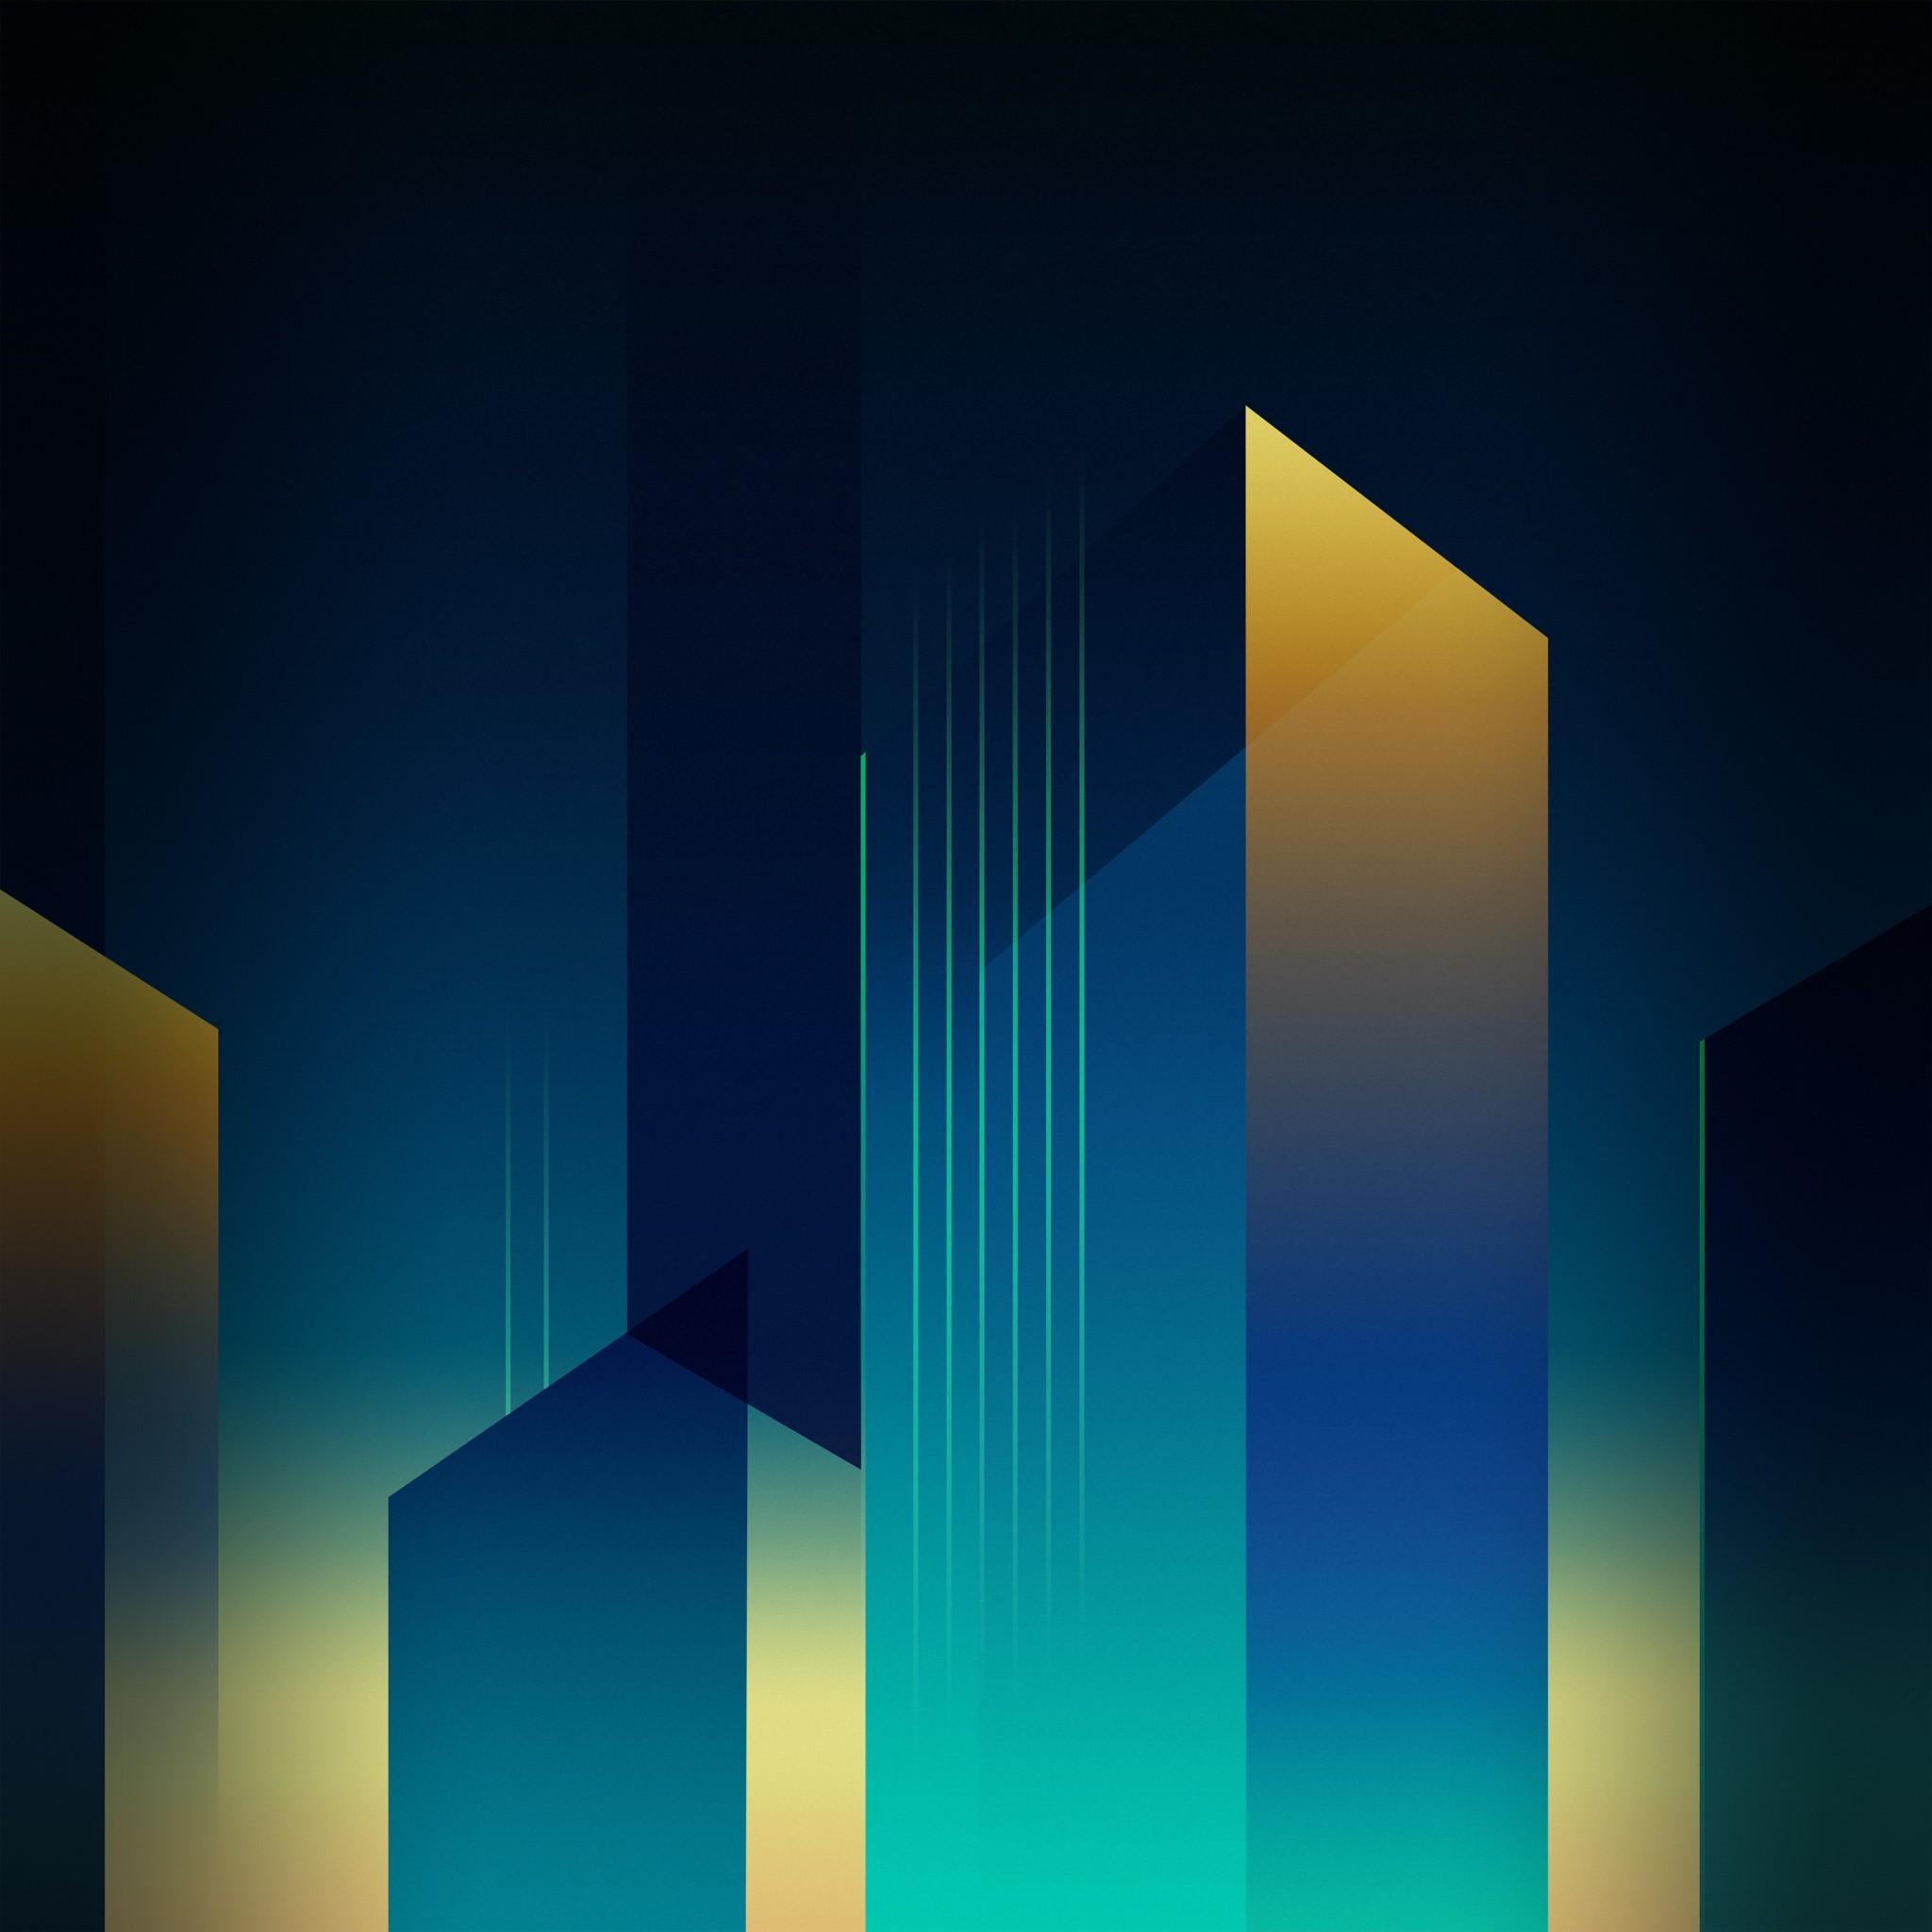 2048x2048 Wallpaper 02 2048x2048 768x768